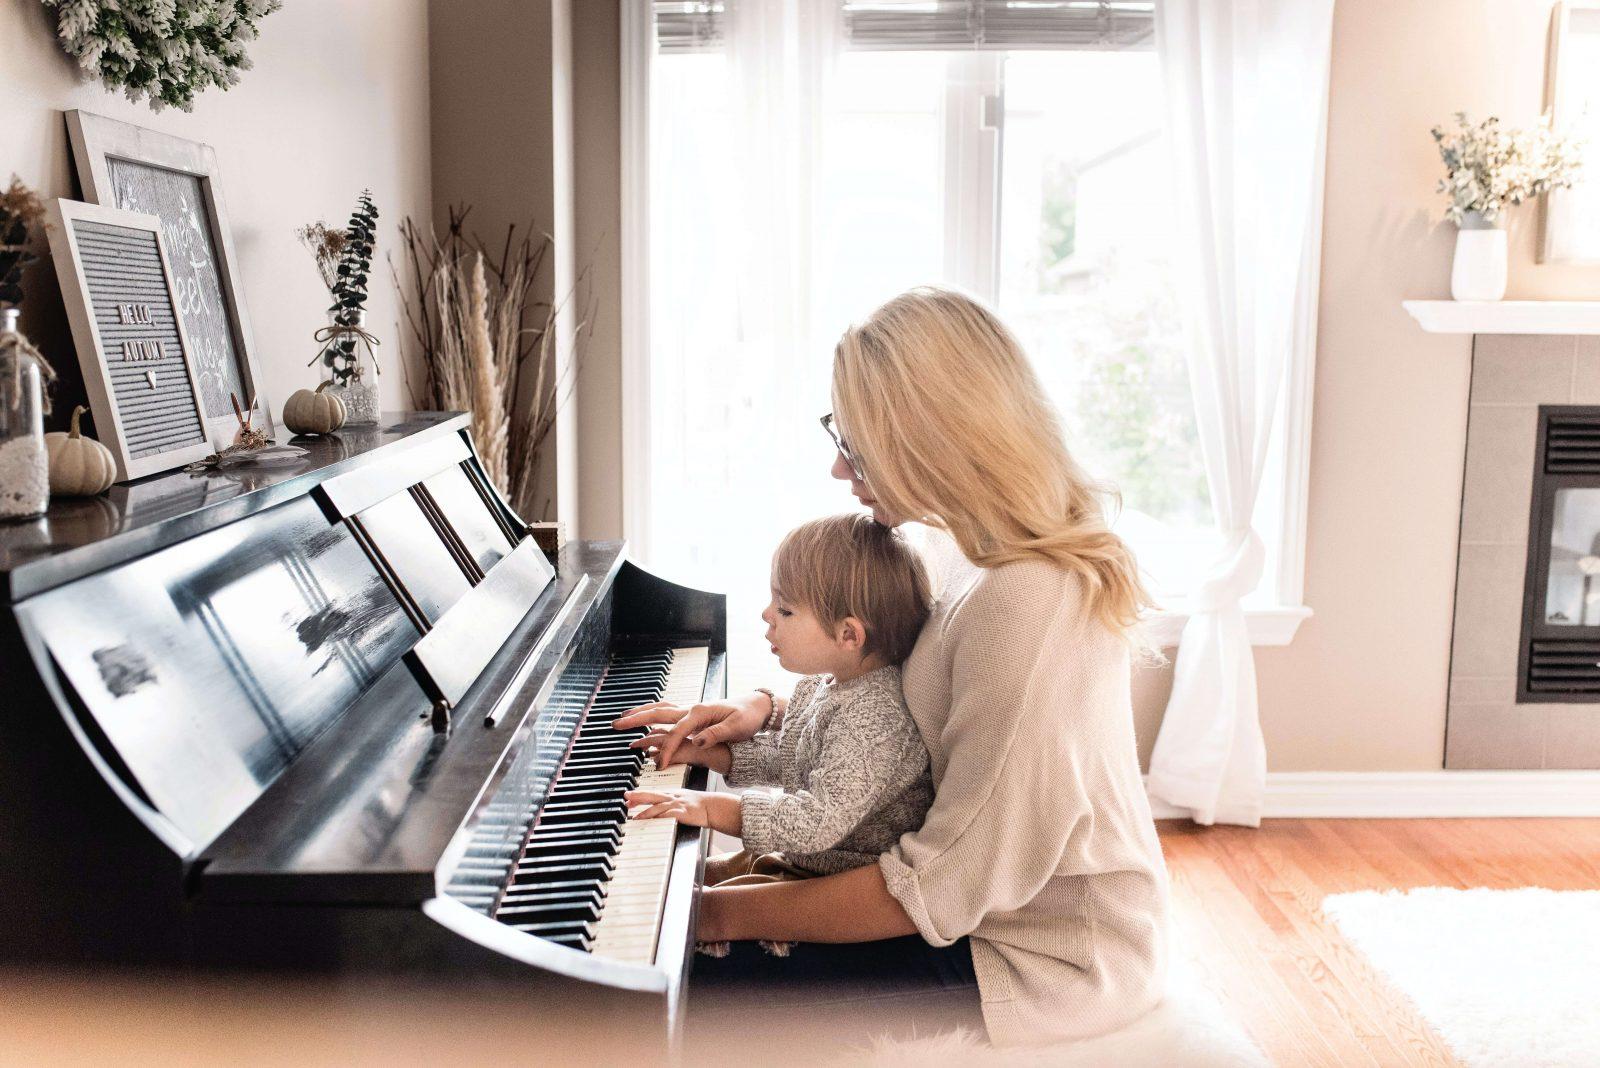 Crianças que tocam INSTRUMENTOS MUSICAIS têm melhor memória de trabalho, diz estudo